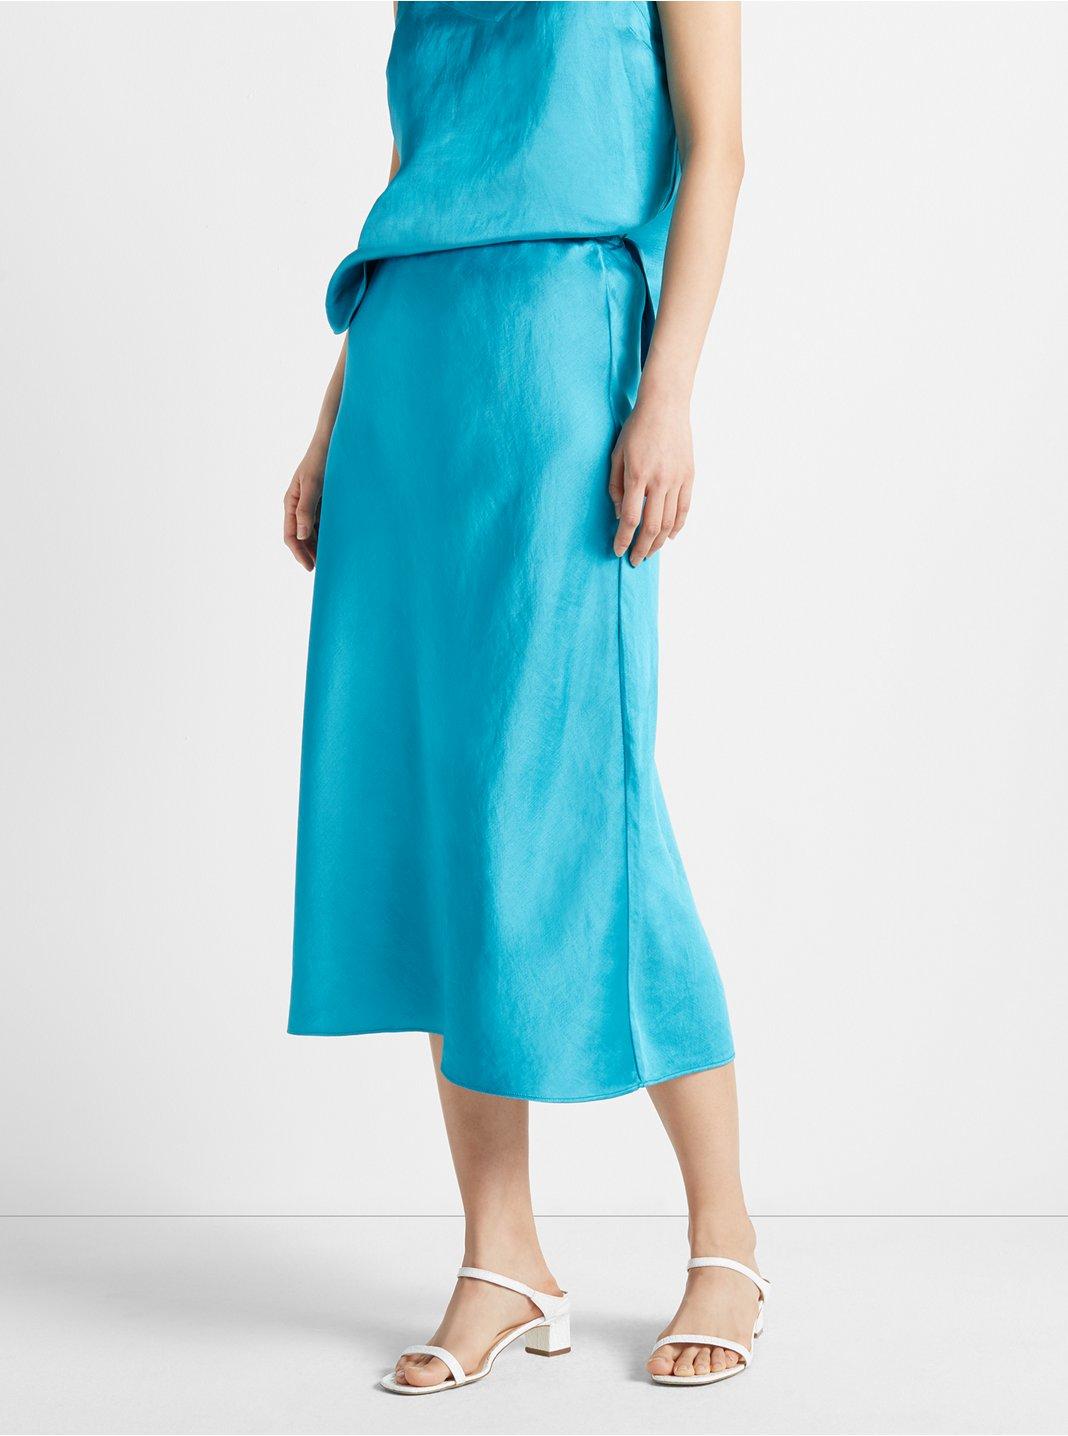 클럽 모나코 미디 스커트 Club Monaco Bias Midi Skirt,Turq/Green